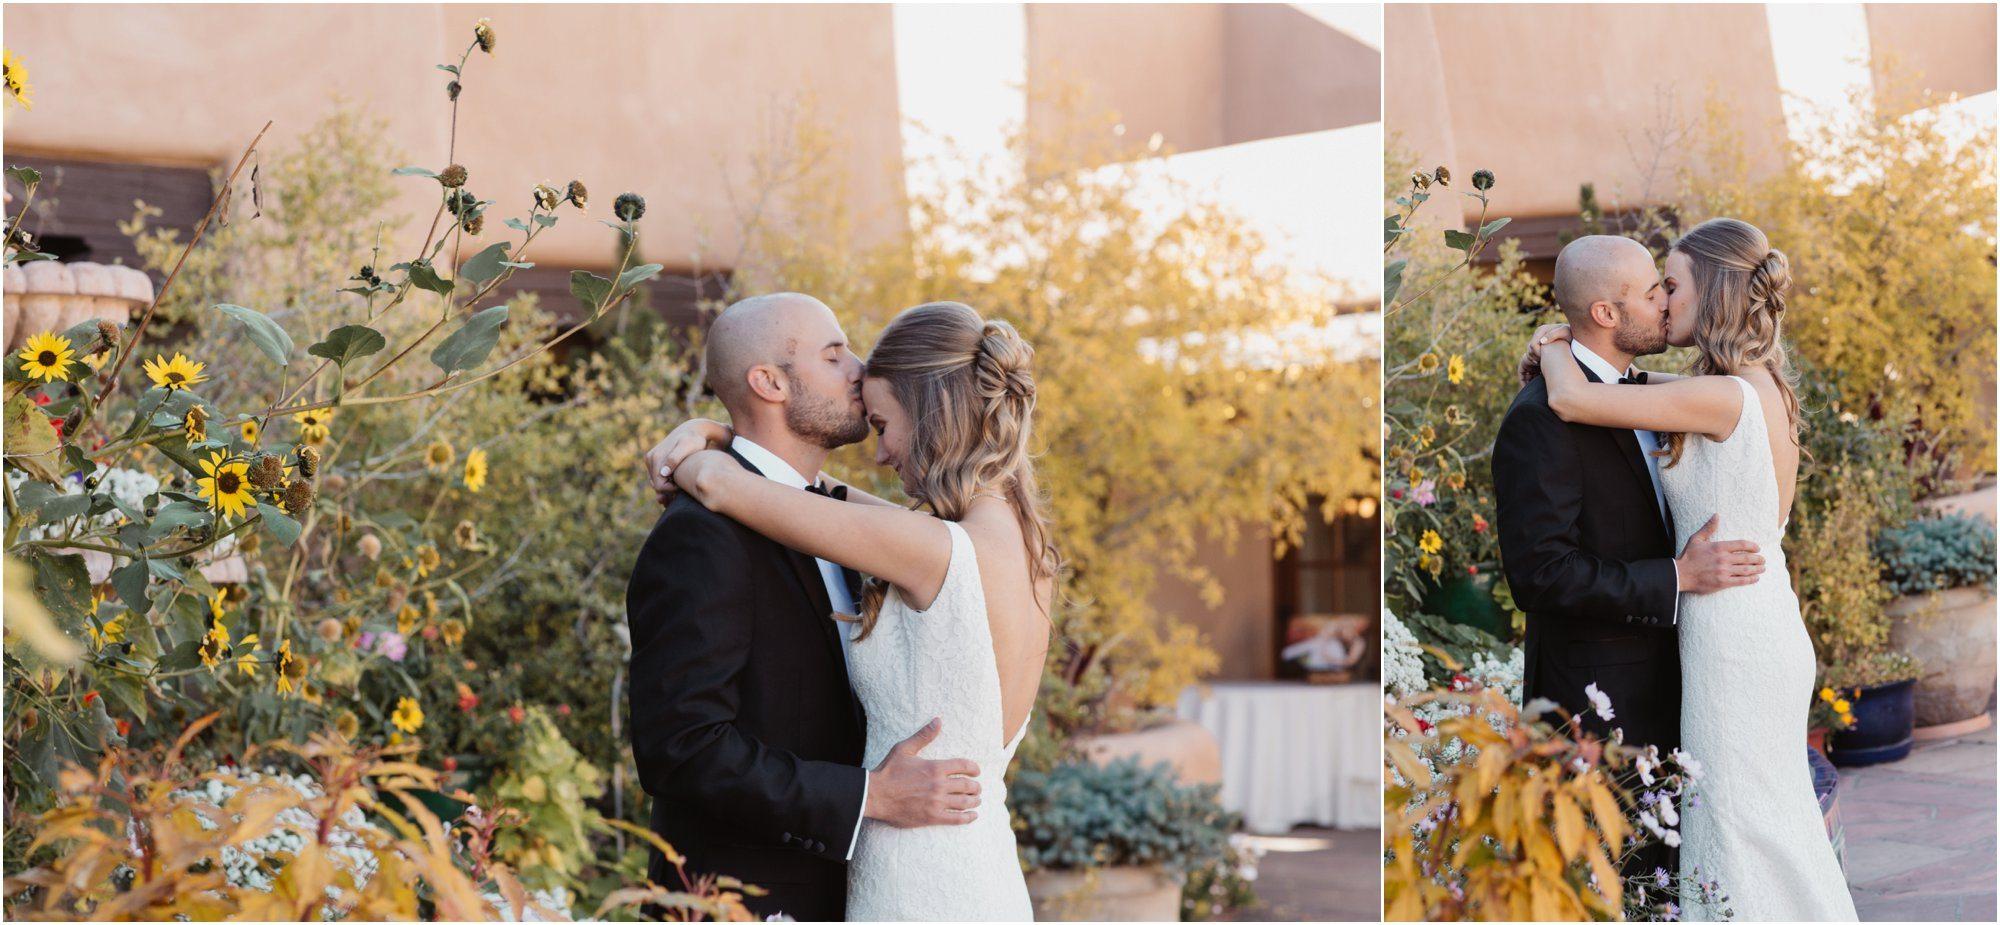 0024albuquerque-wedding-photographer_-santa-fe-wedding-photography_blue-rose-studio